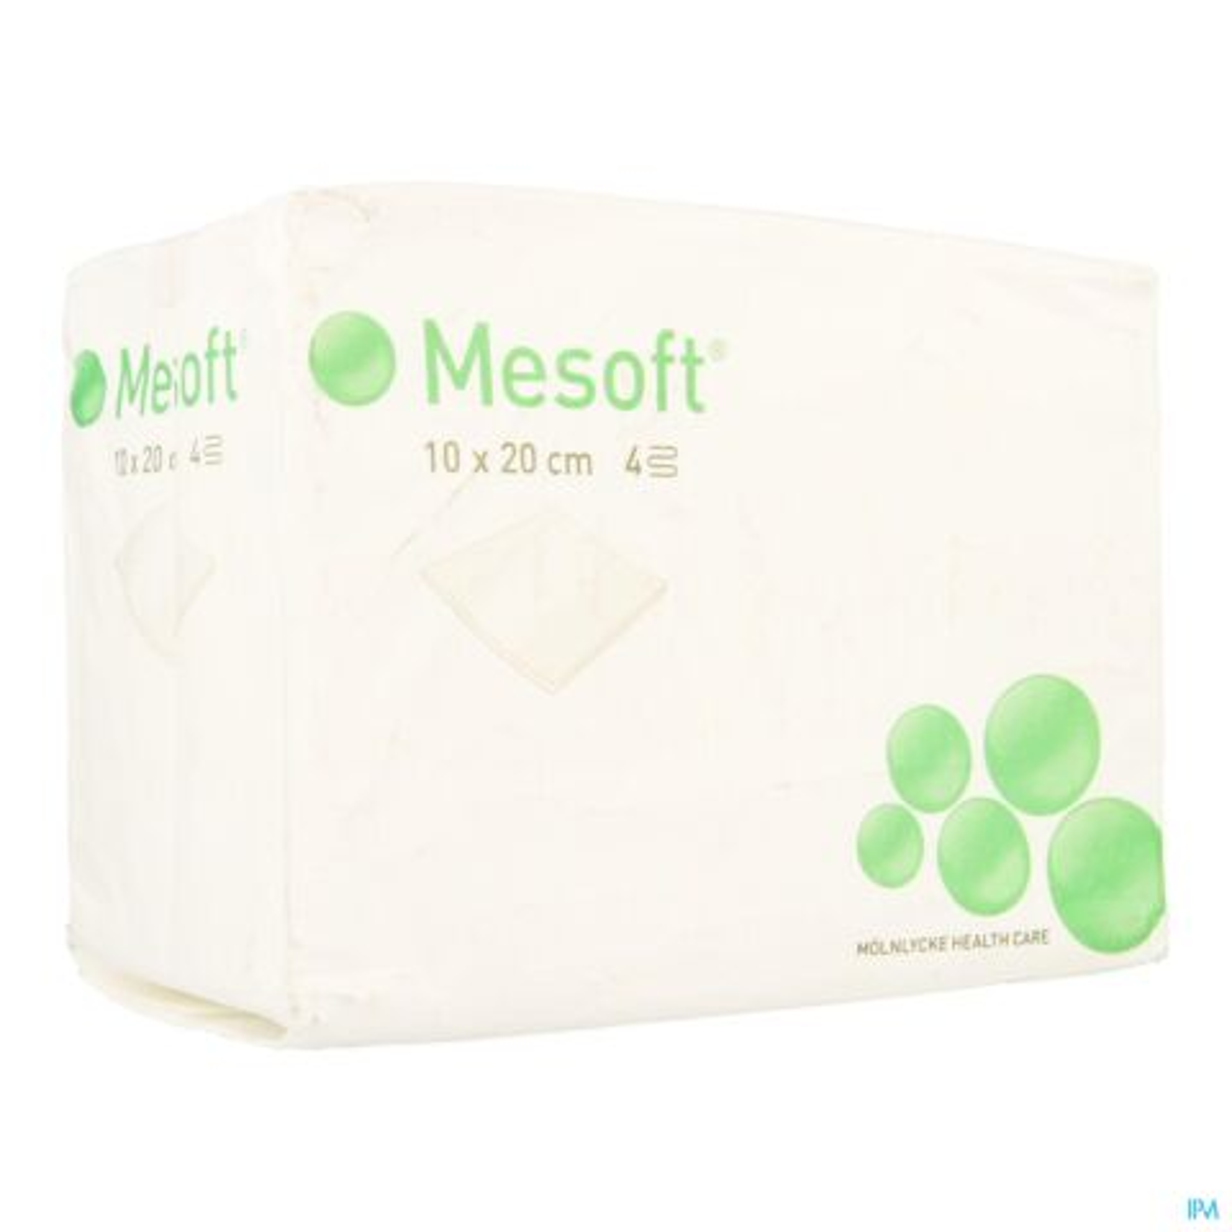 MESOFT KP N/ST 4L 10X20 100 156415